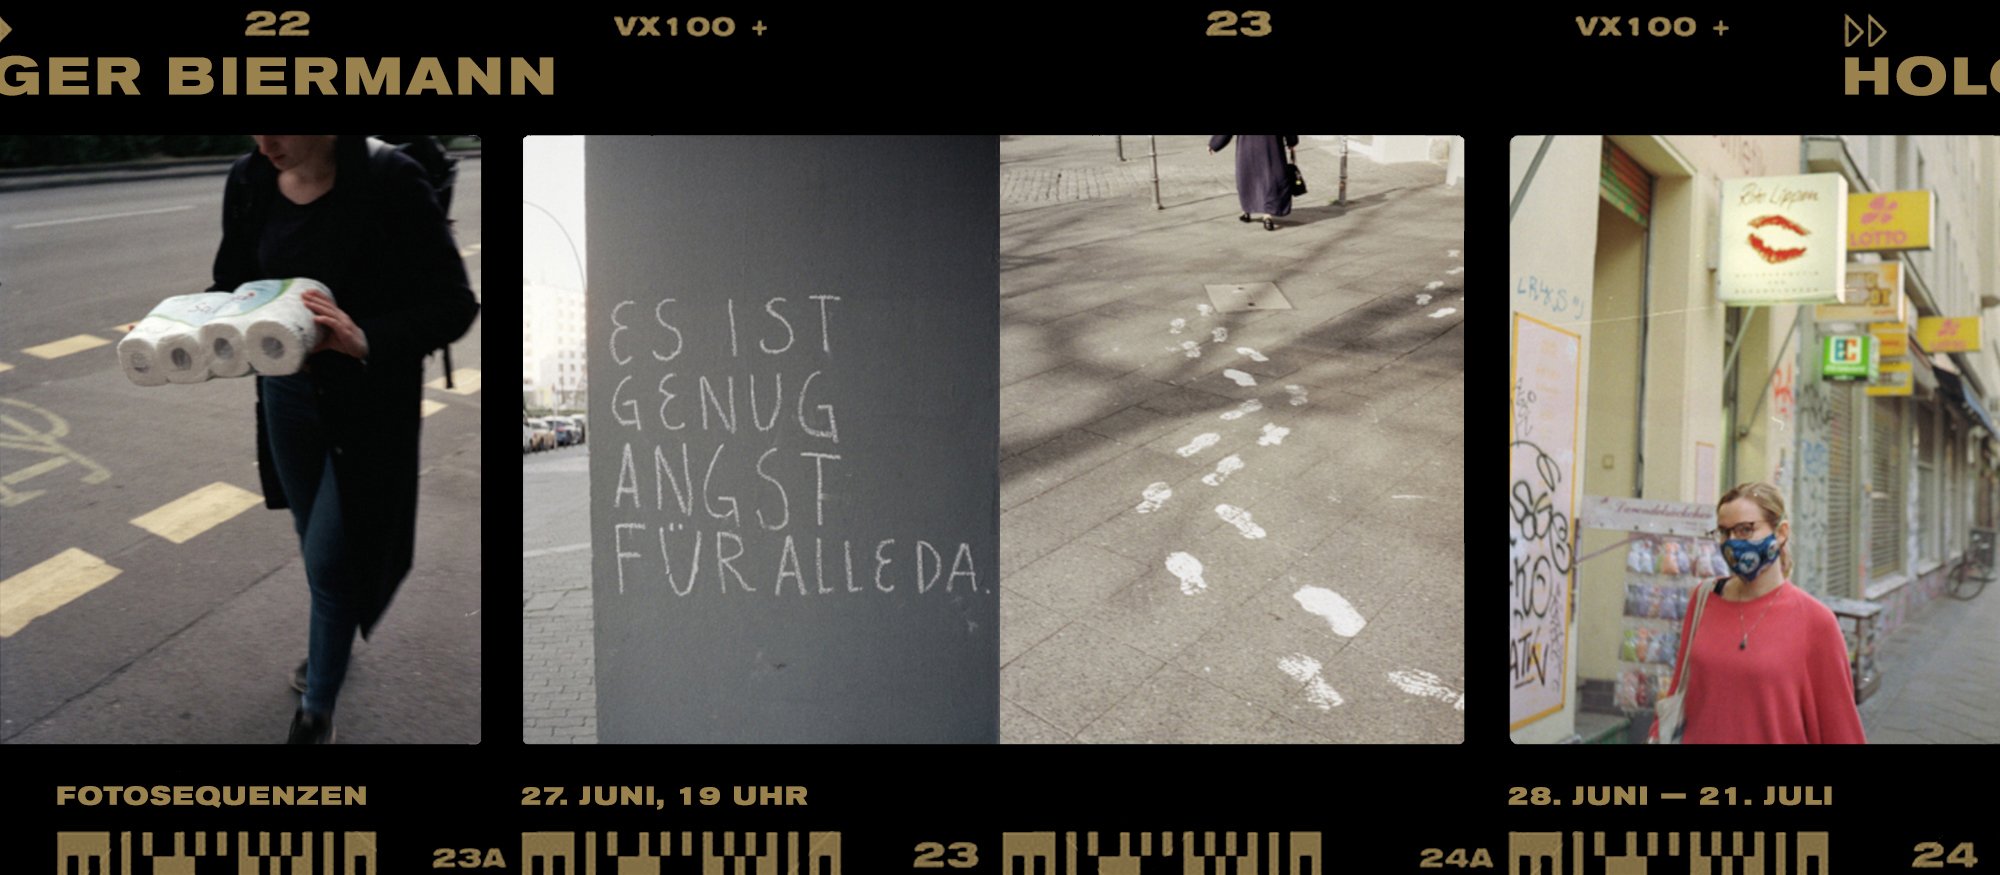 Banner-Holger-Biermann-02